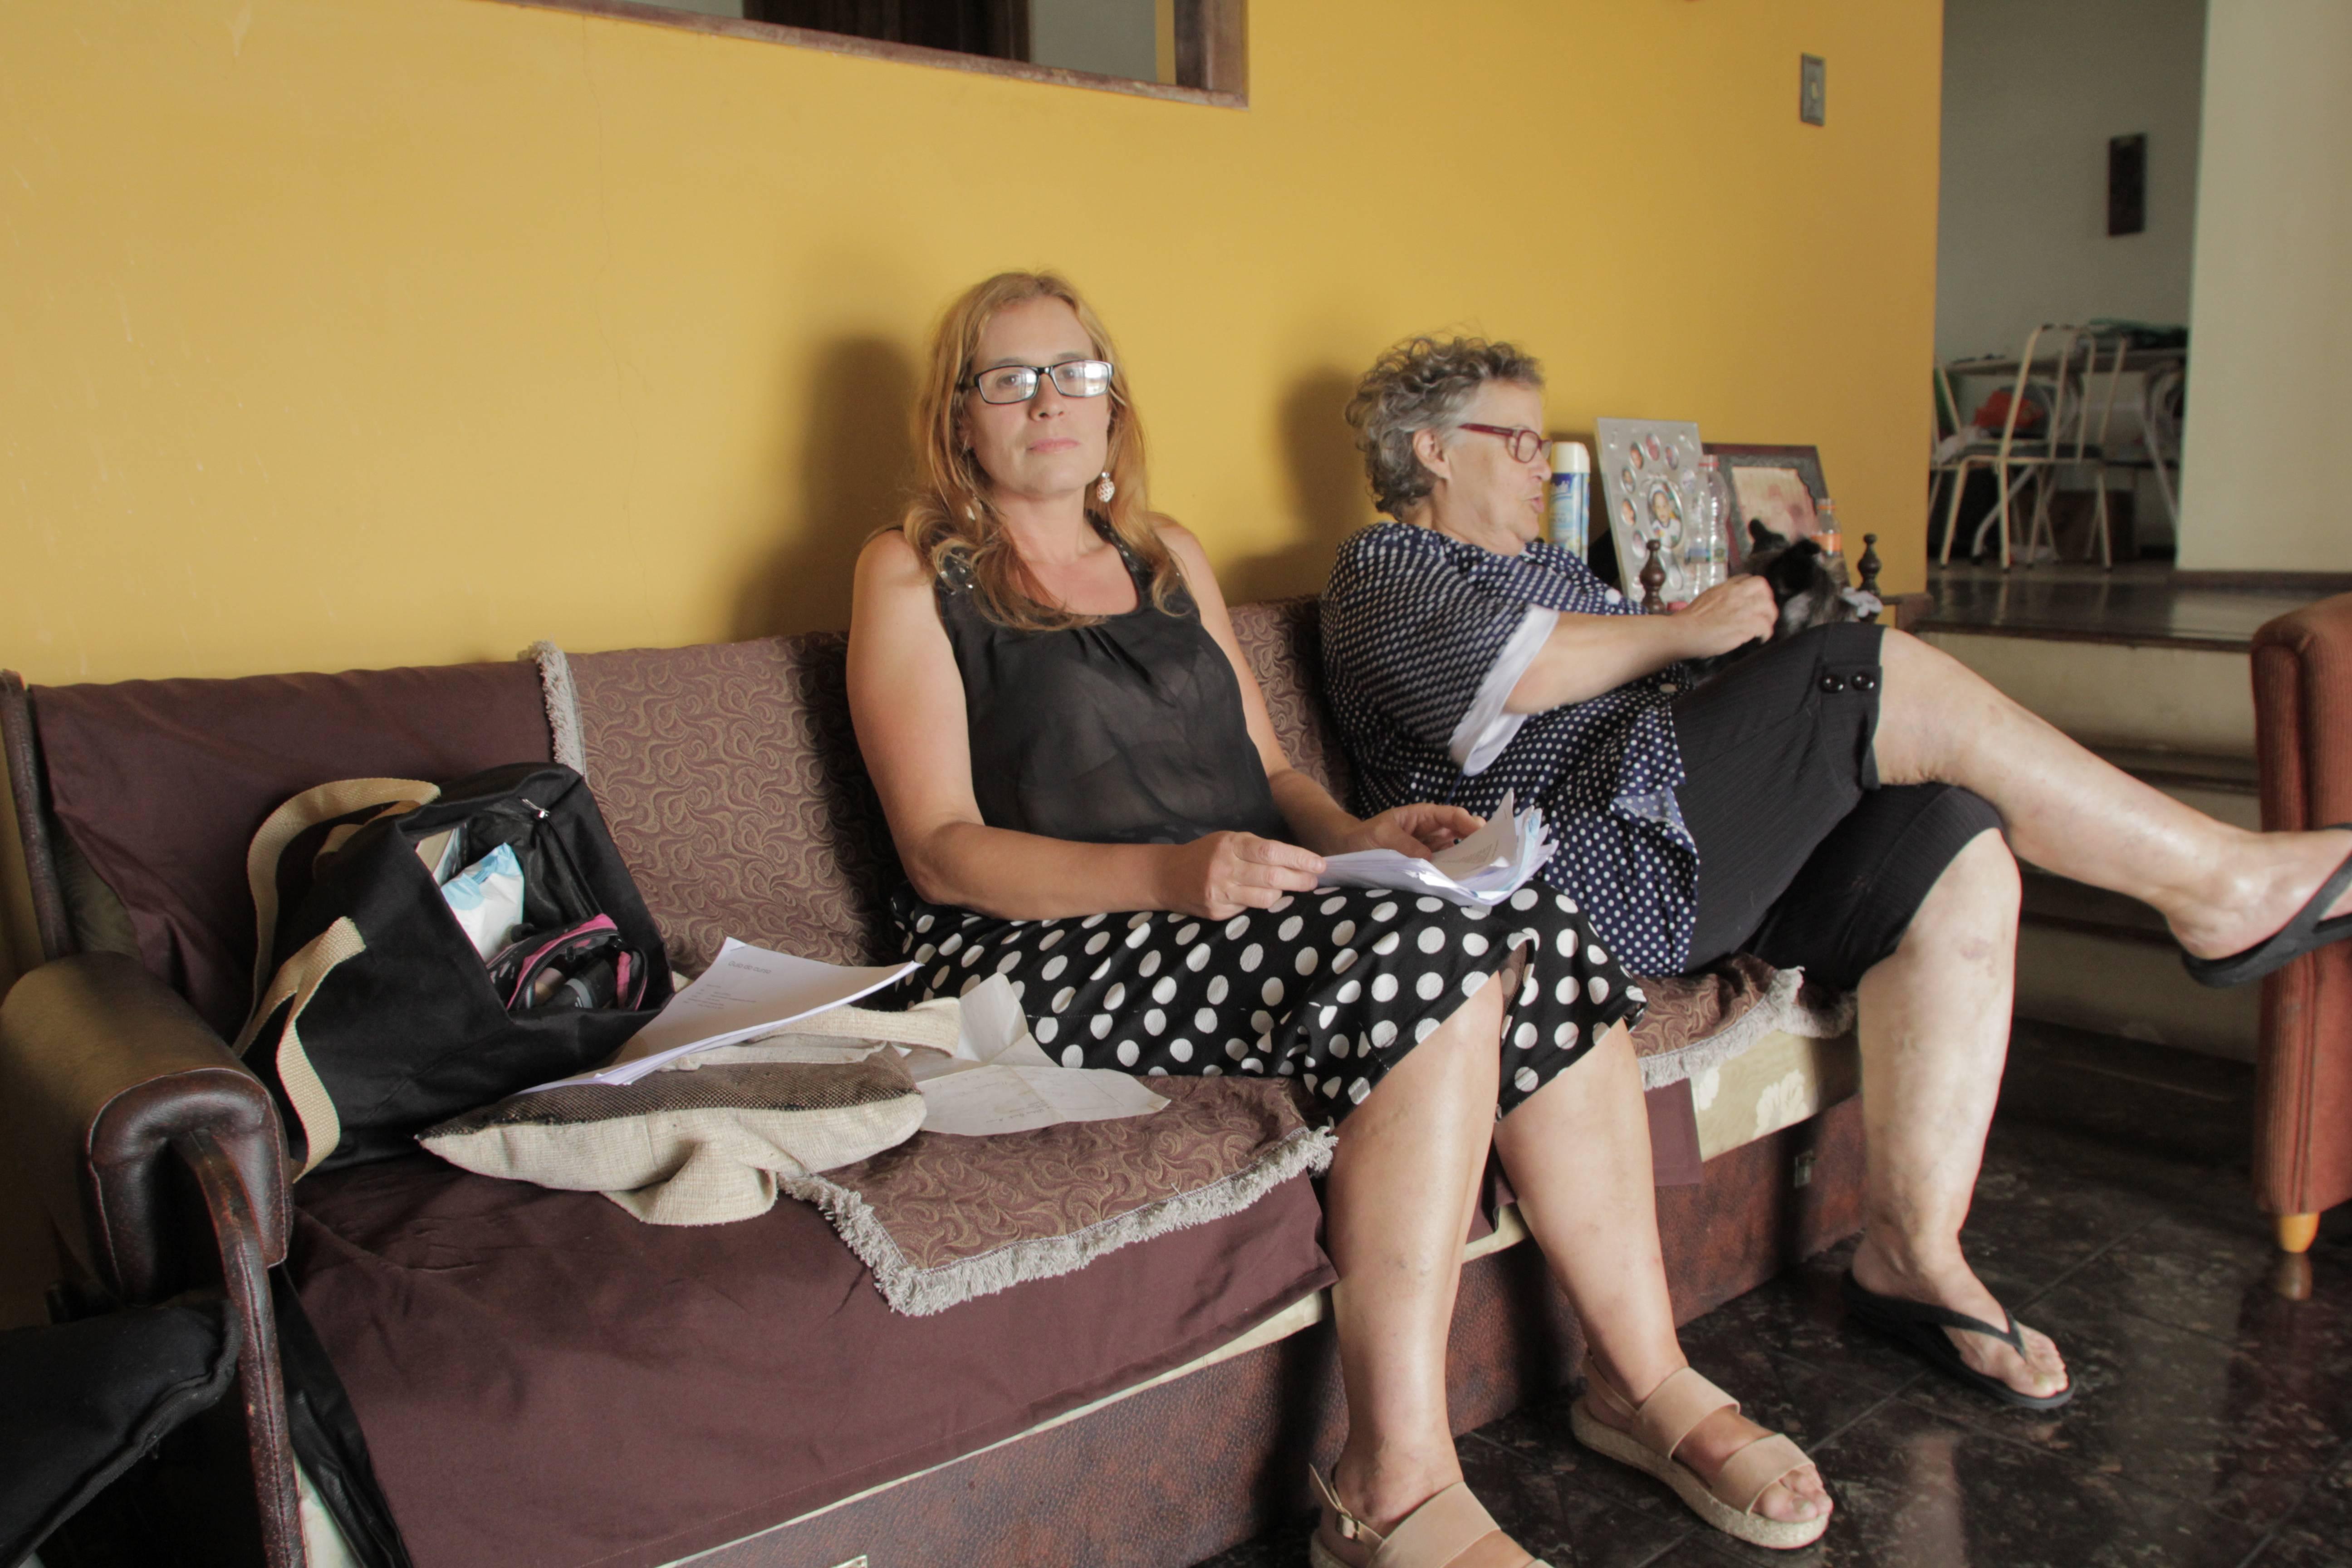 Kelly, com a sua mãe Rosaneide Dreher Mesquita, mostram os laudos médicos que carregam a todas as consultas médicas e internações. Foto: Amanda Milléo / Gazeta do Povo